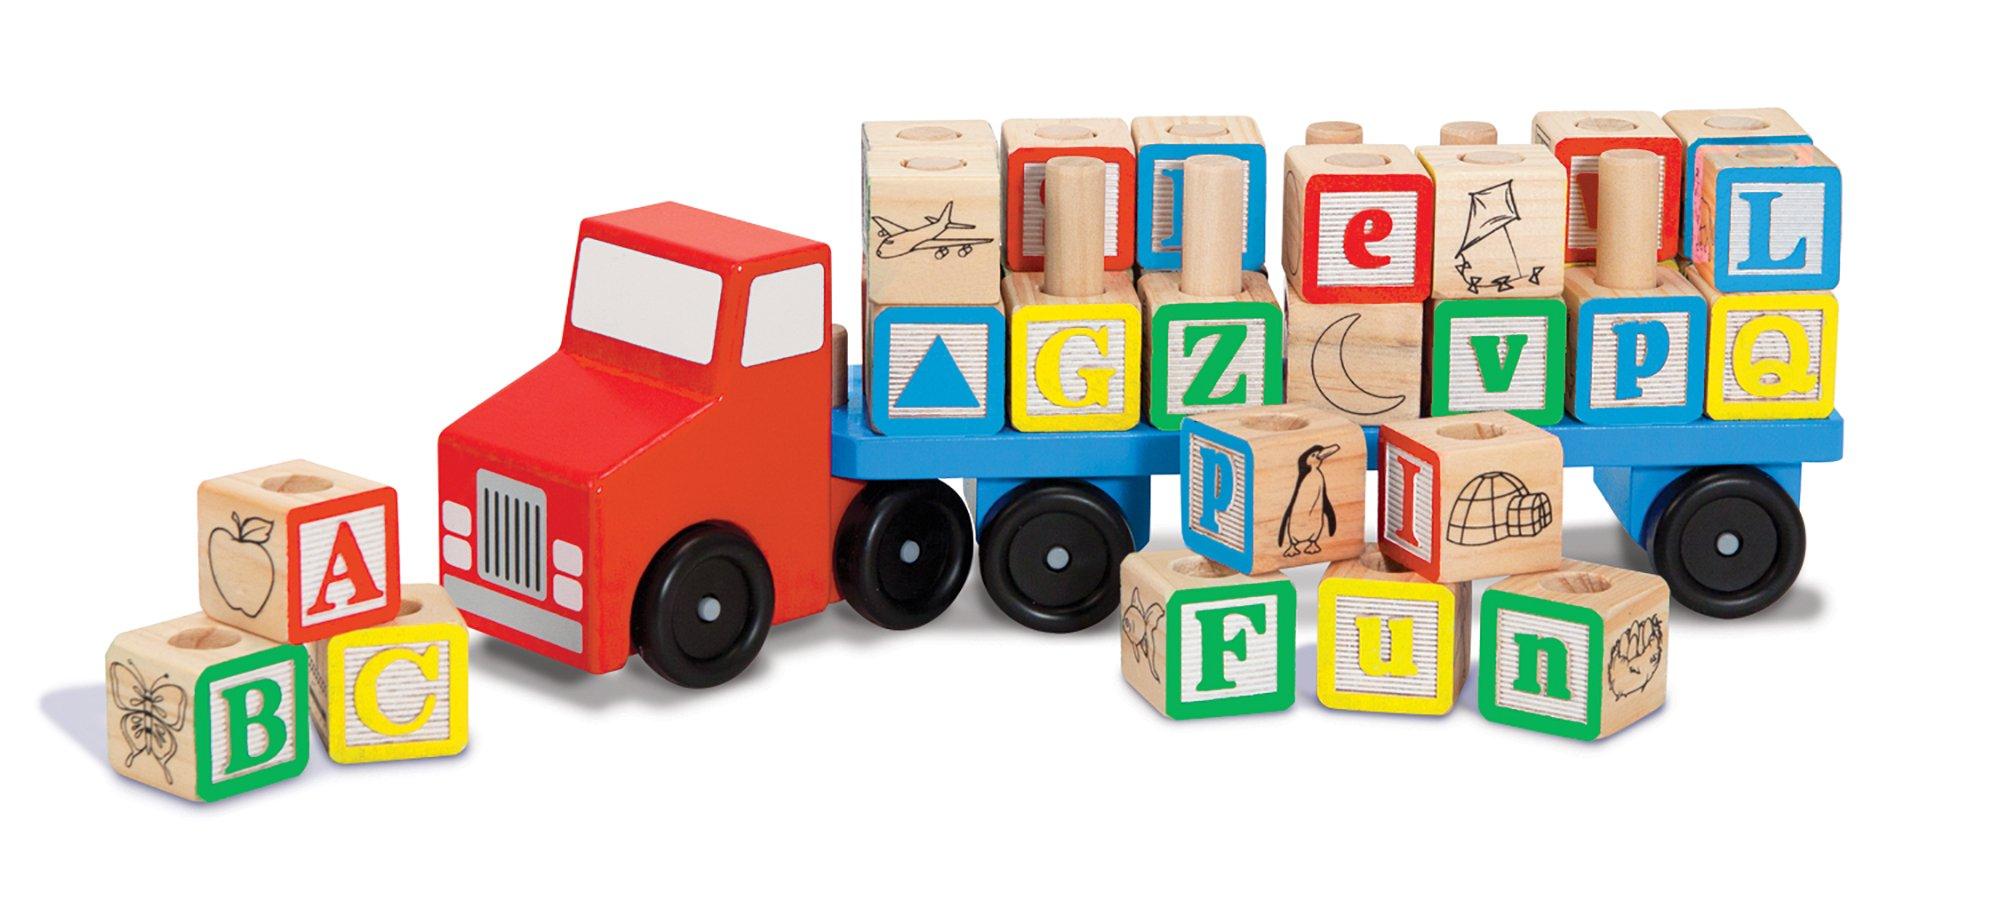 Melissa & Doug Alphabet Blocks Wooden Truck Educational Toy